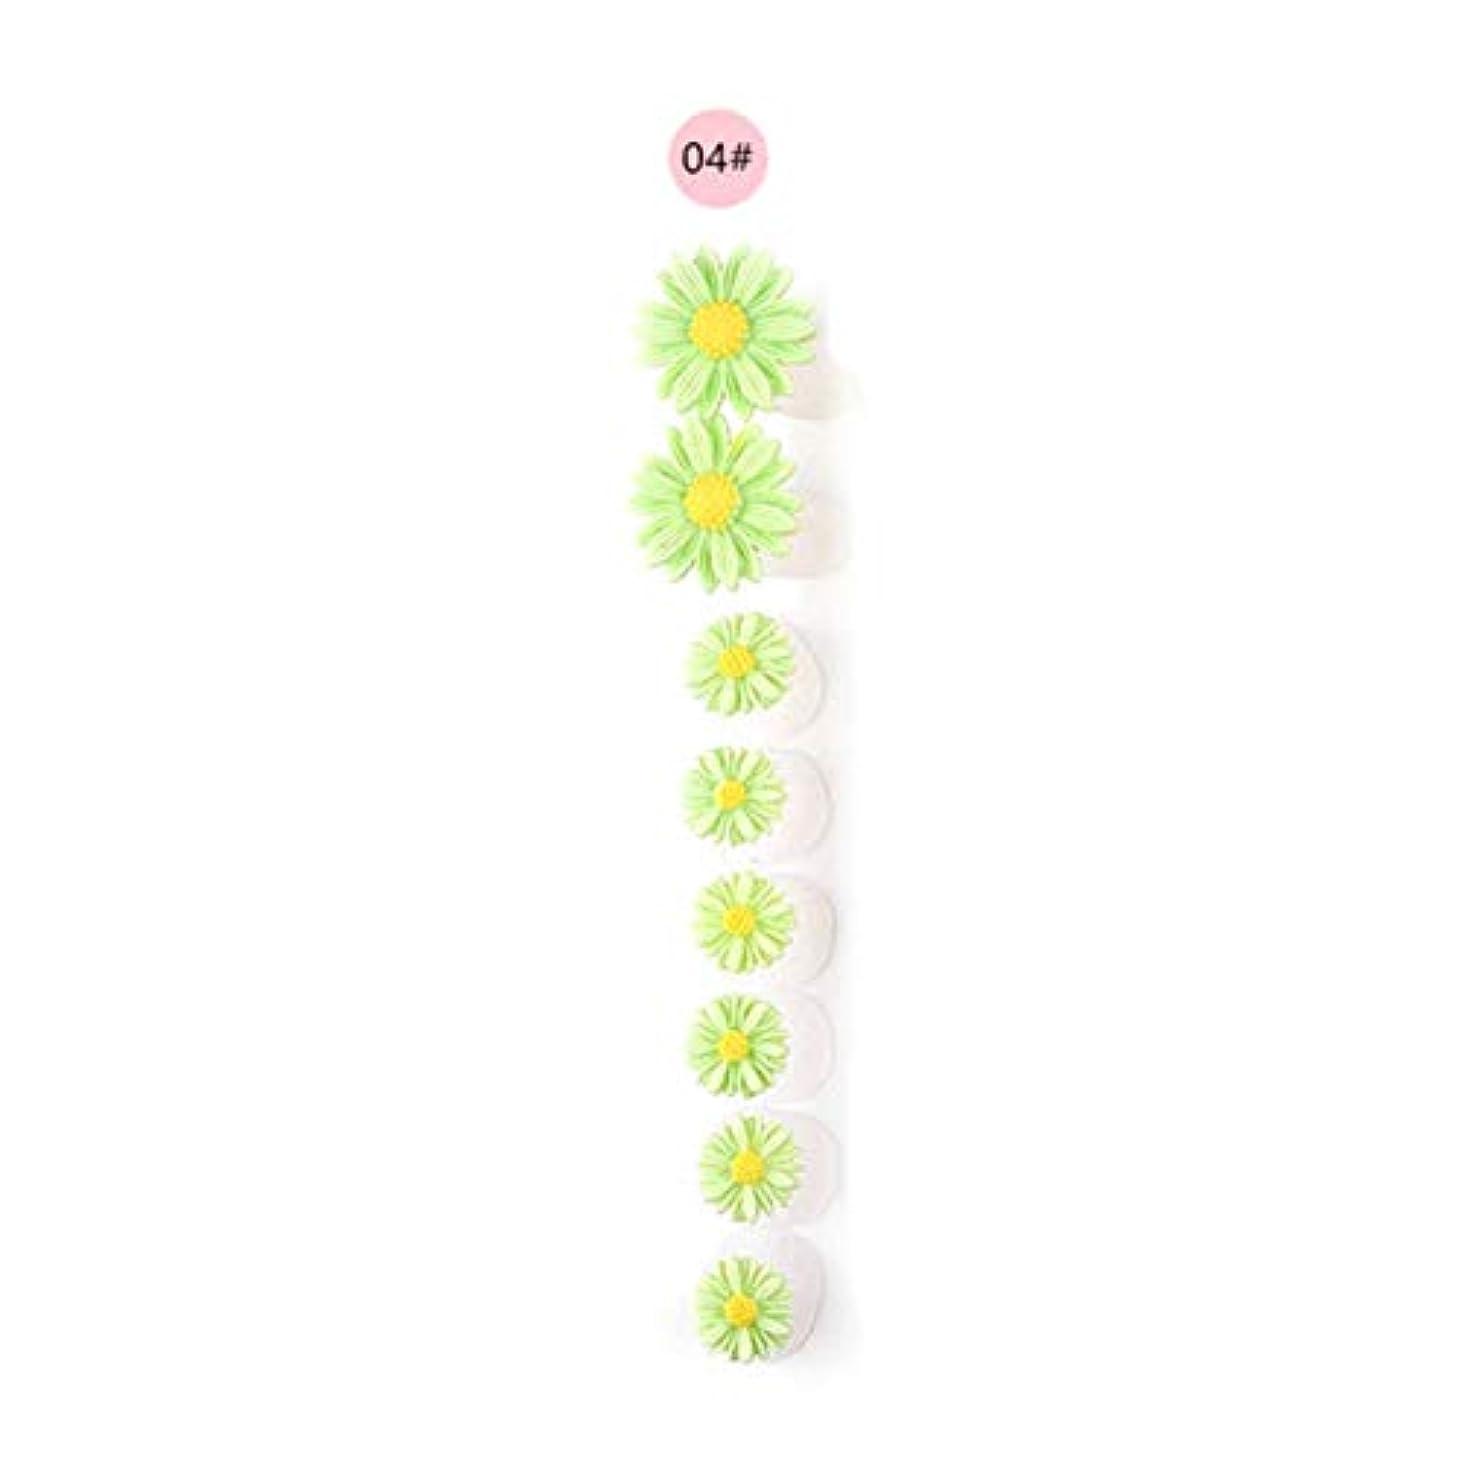 旅行うれしい急勾配の8ピース/セットシリコンつま先セパレーター足つま先スペーサー花形ペディキュアDIYネイルアートツール-カラフル04#